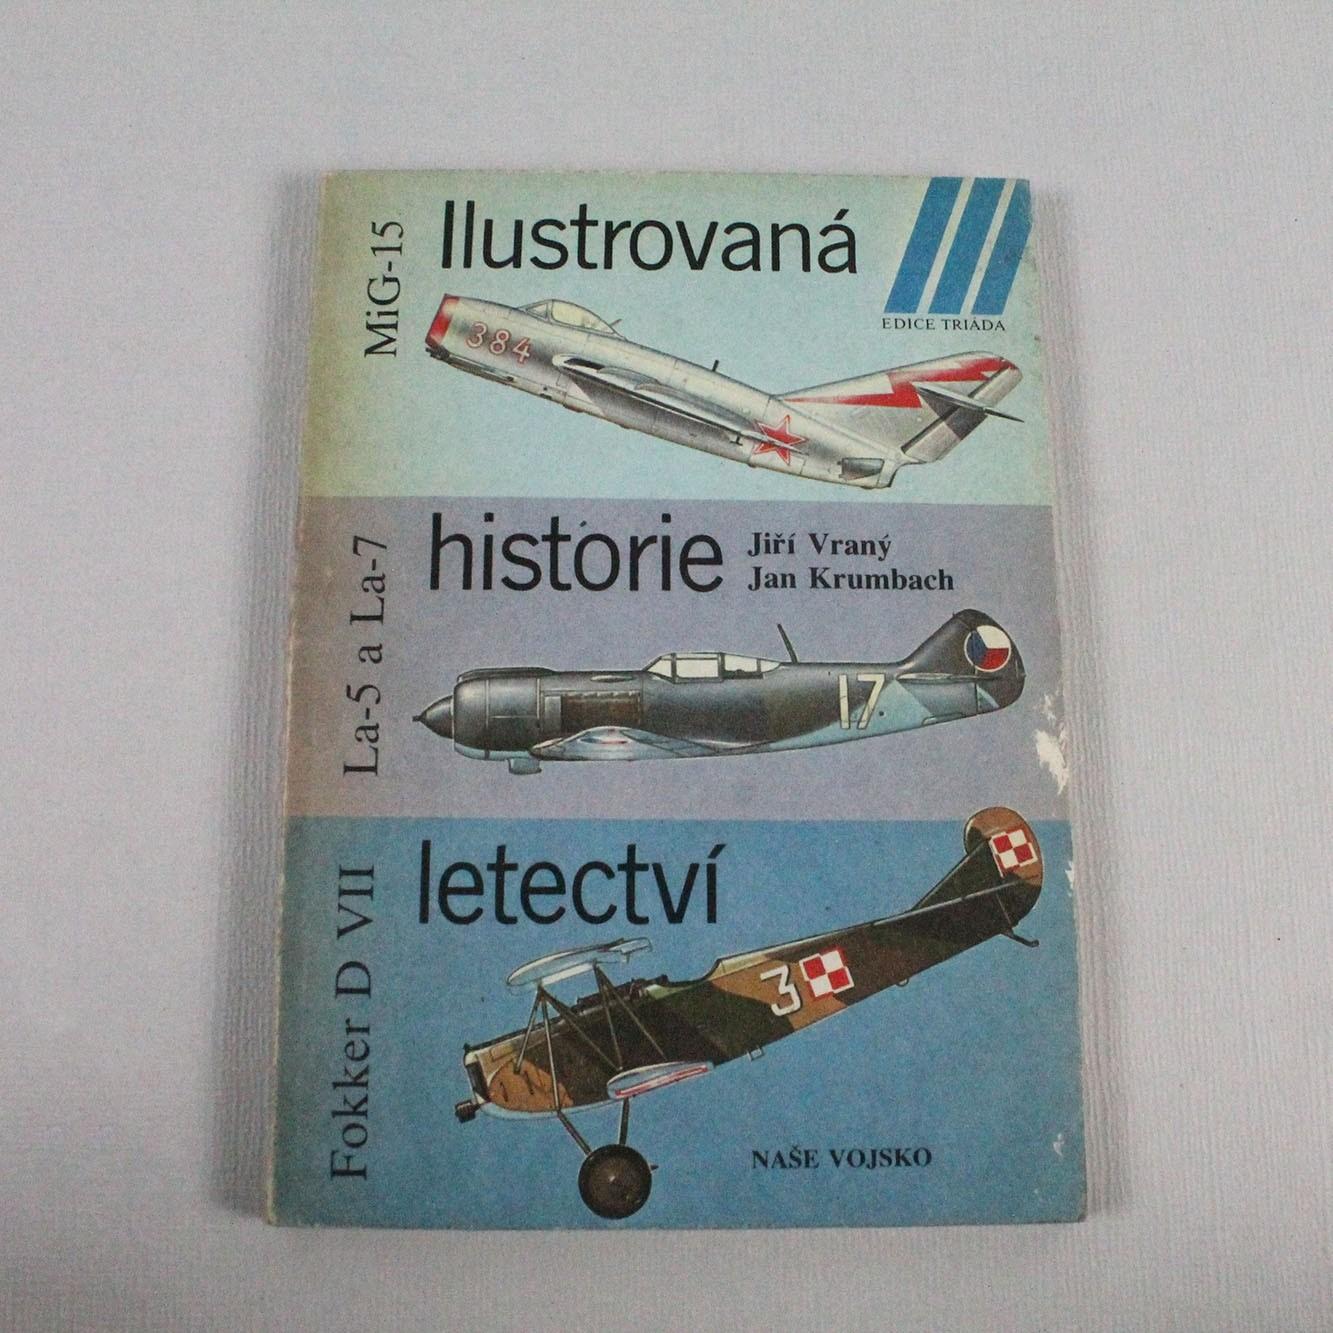 LIBCZ-ILUSTROVANÁ HISTORIE LETECTVÍ-5